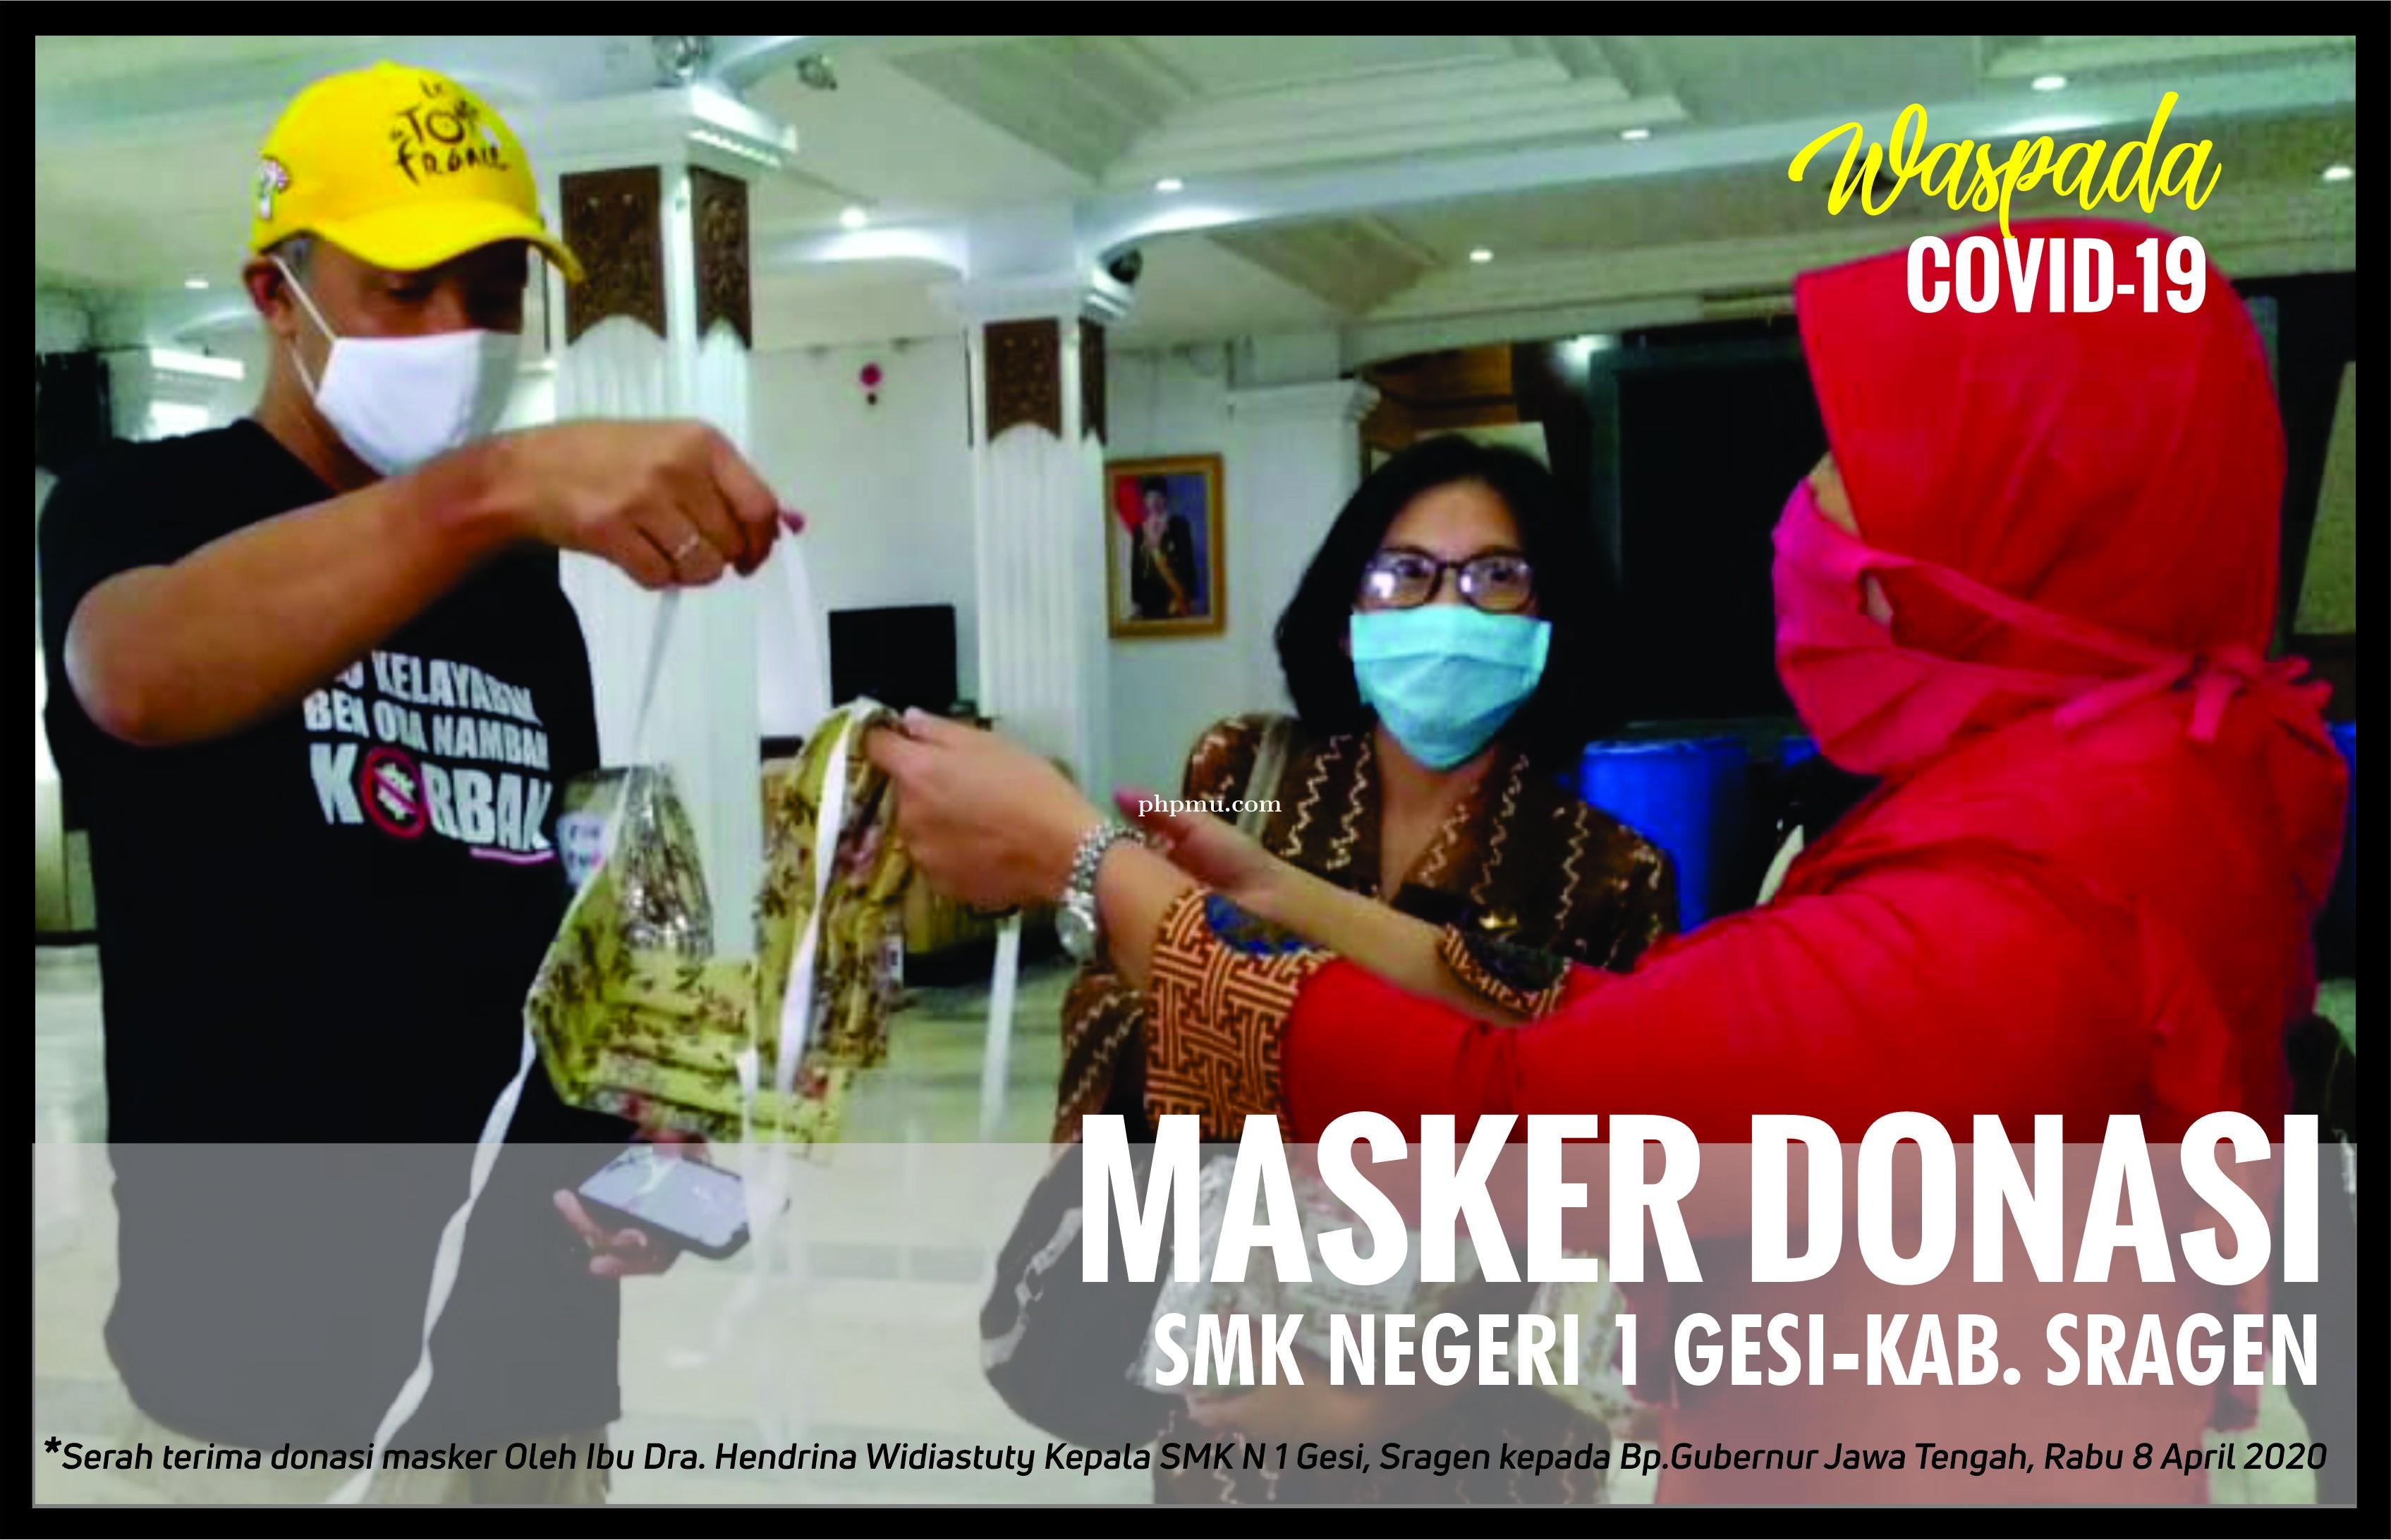 Donasi_masker_ke_Gub1.jpg